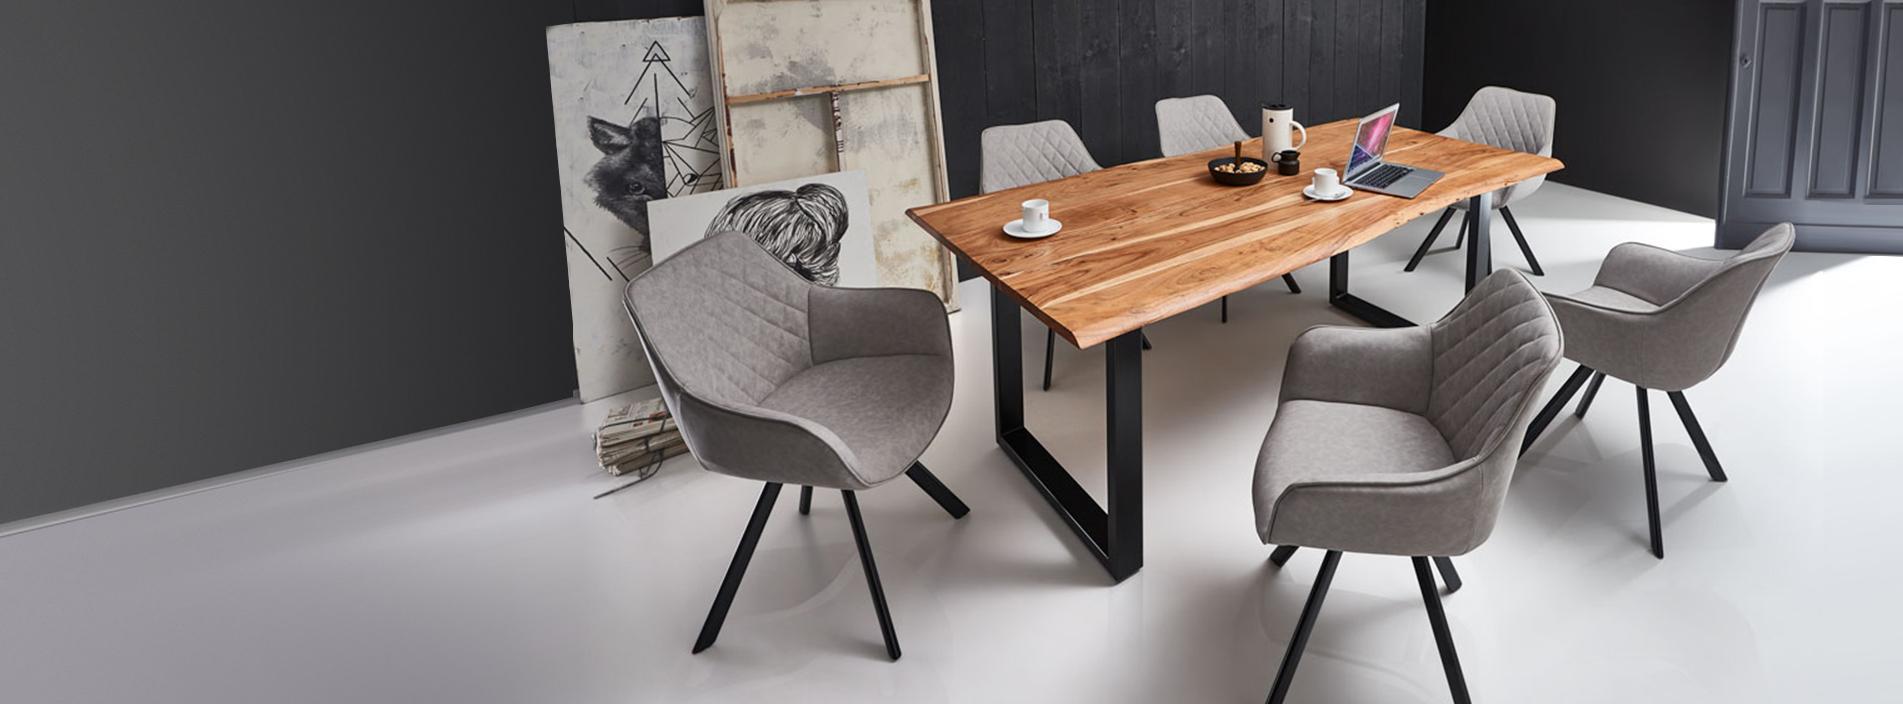 Möbel Online Kaufen Designermöbel Von Sam